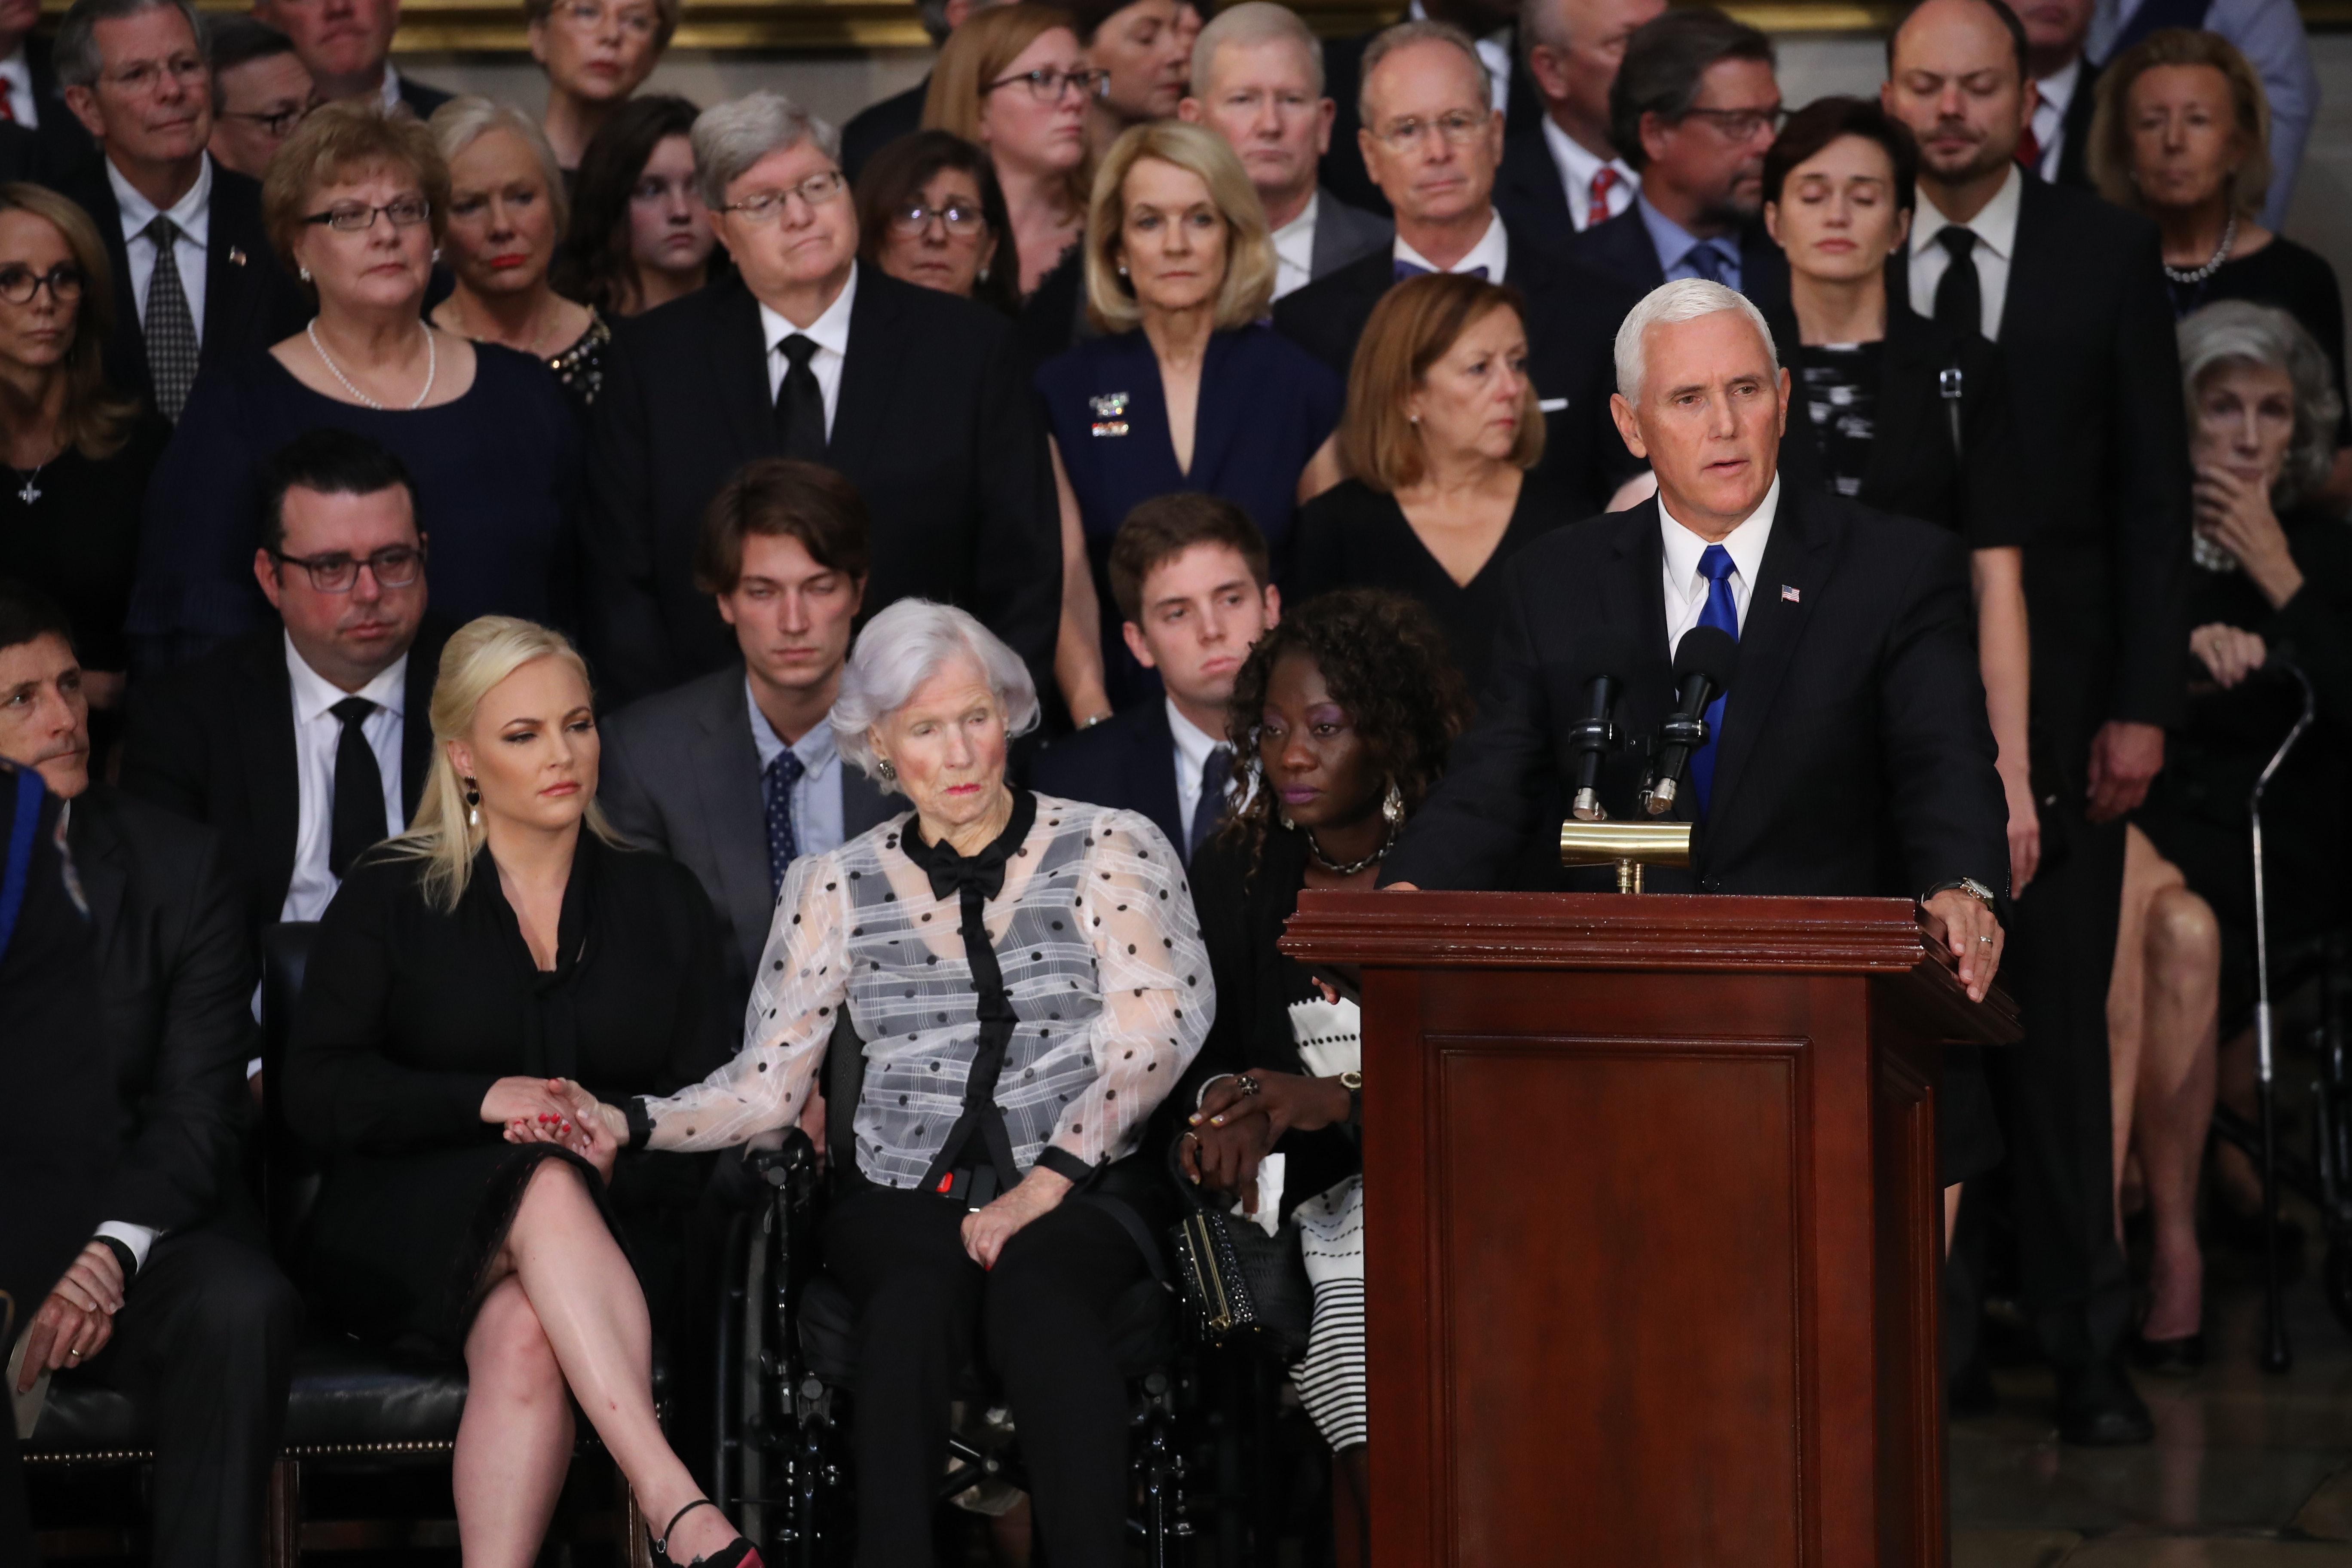 Speech during funeral